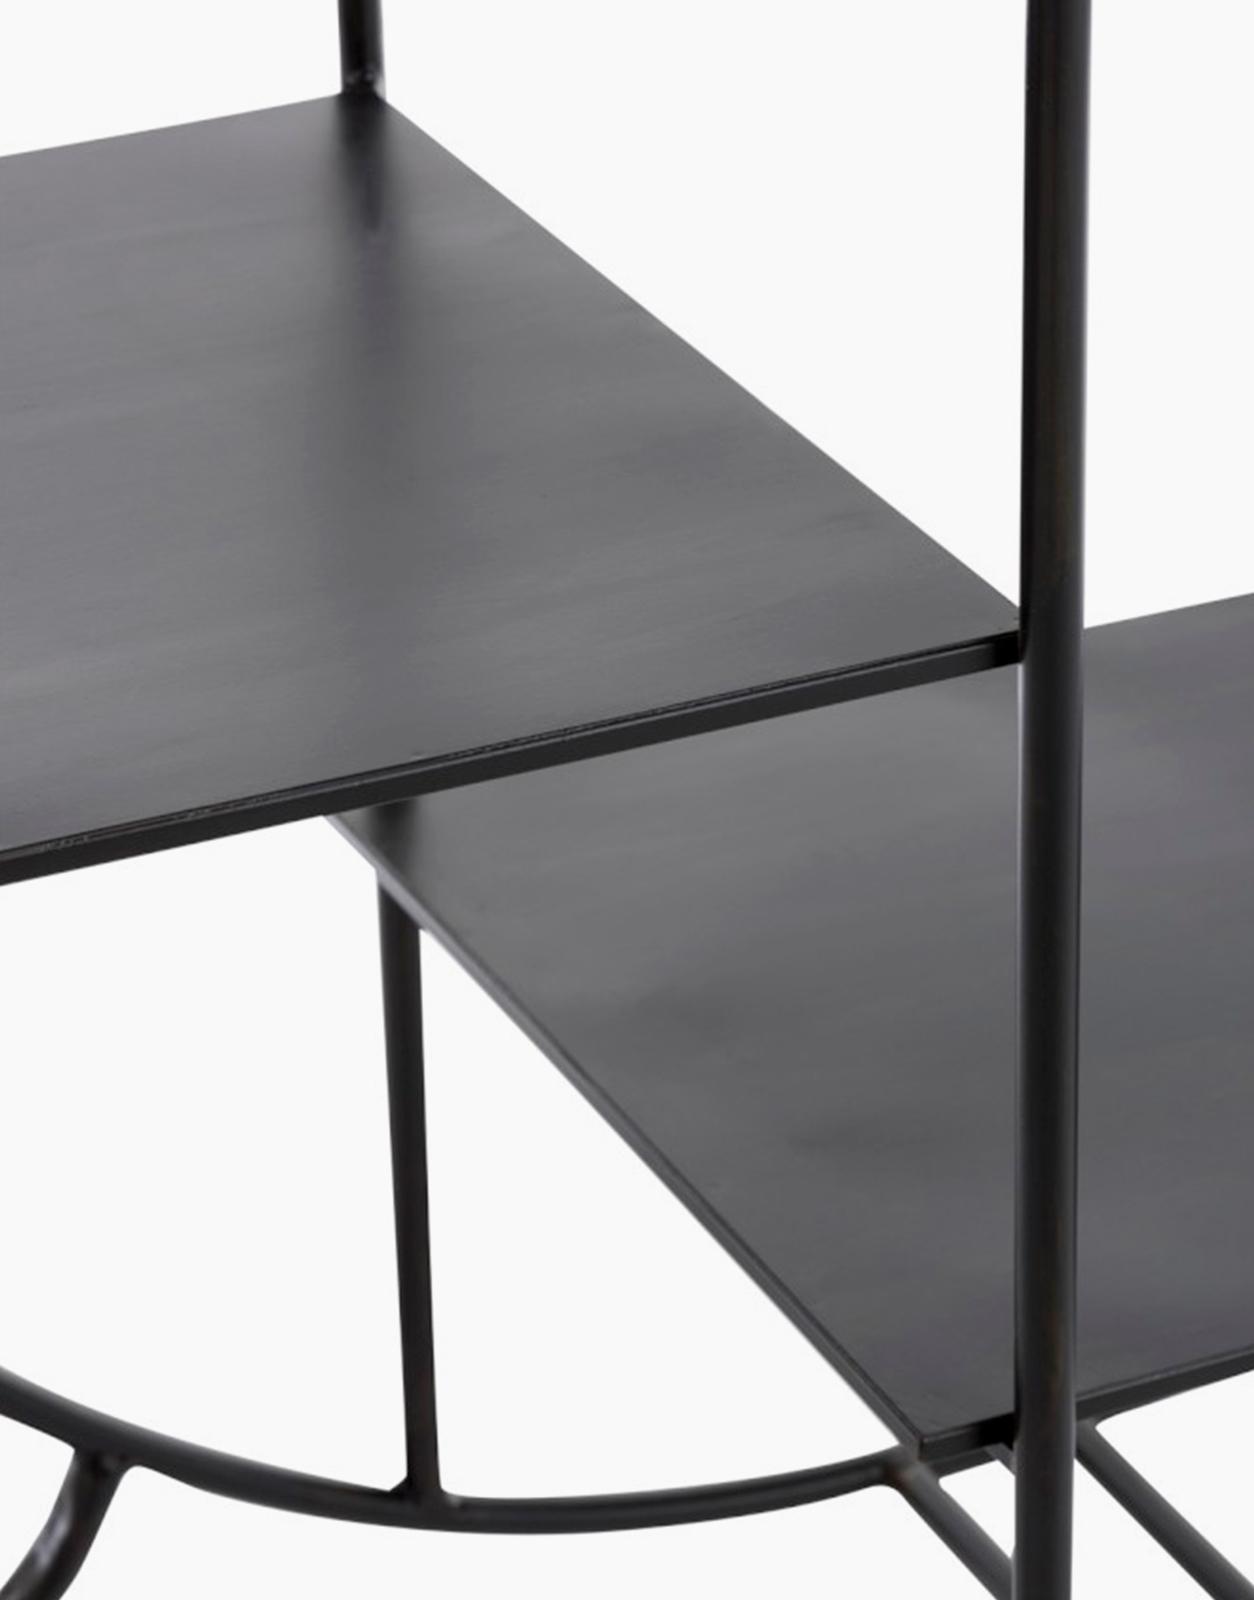 Black Metal Round Shelf Solution Design Fr Furniture Lighting